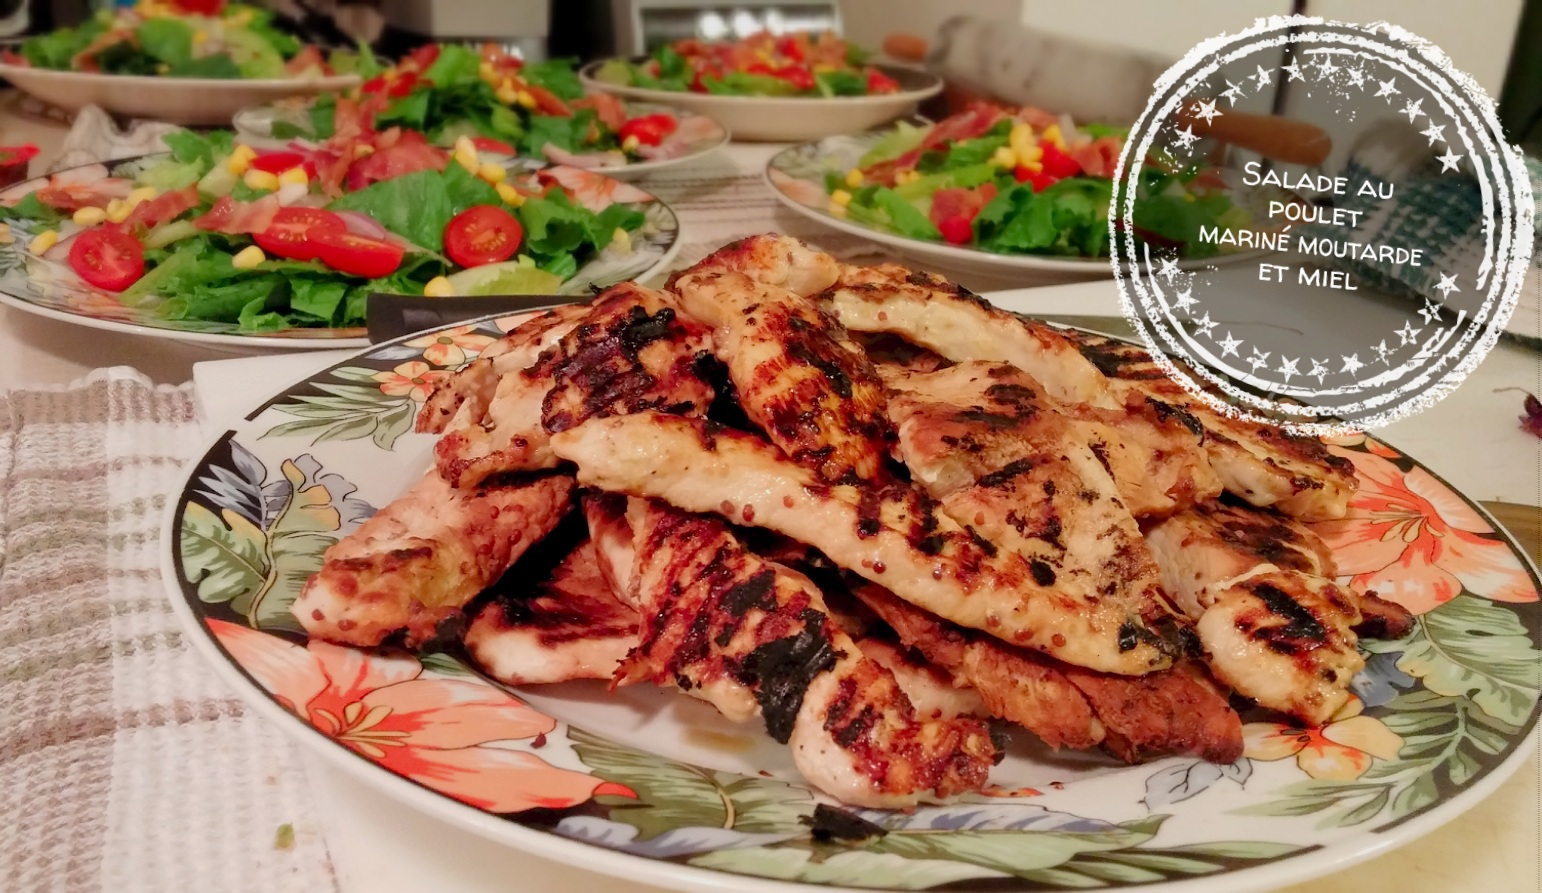 Salade au poulet mariné moutarde et miel - Auboutdelalangue.com